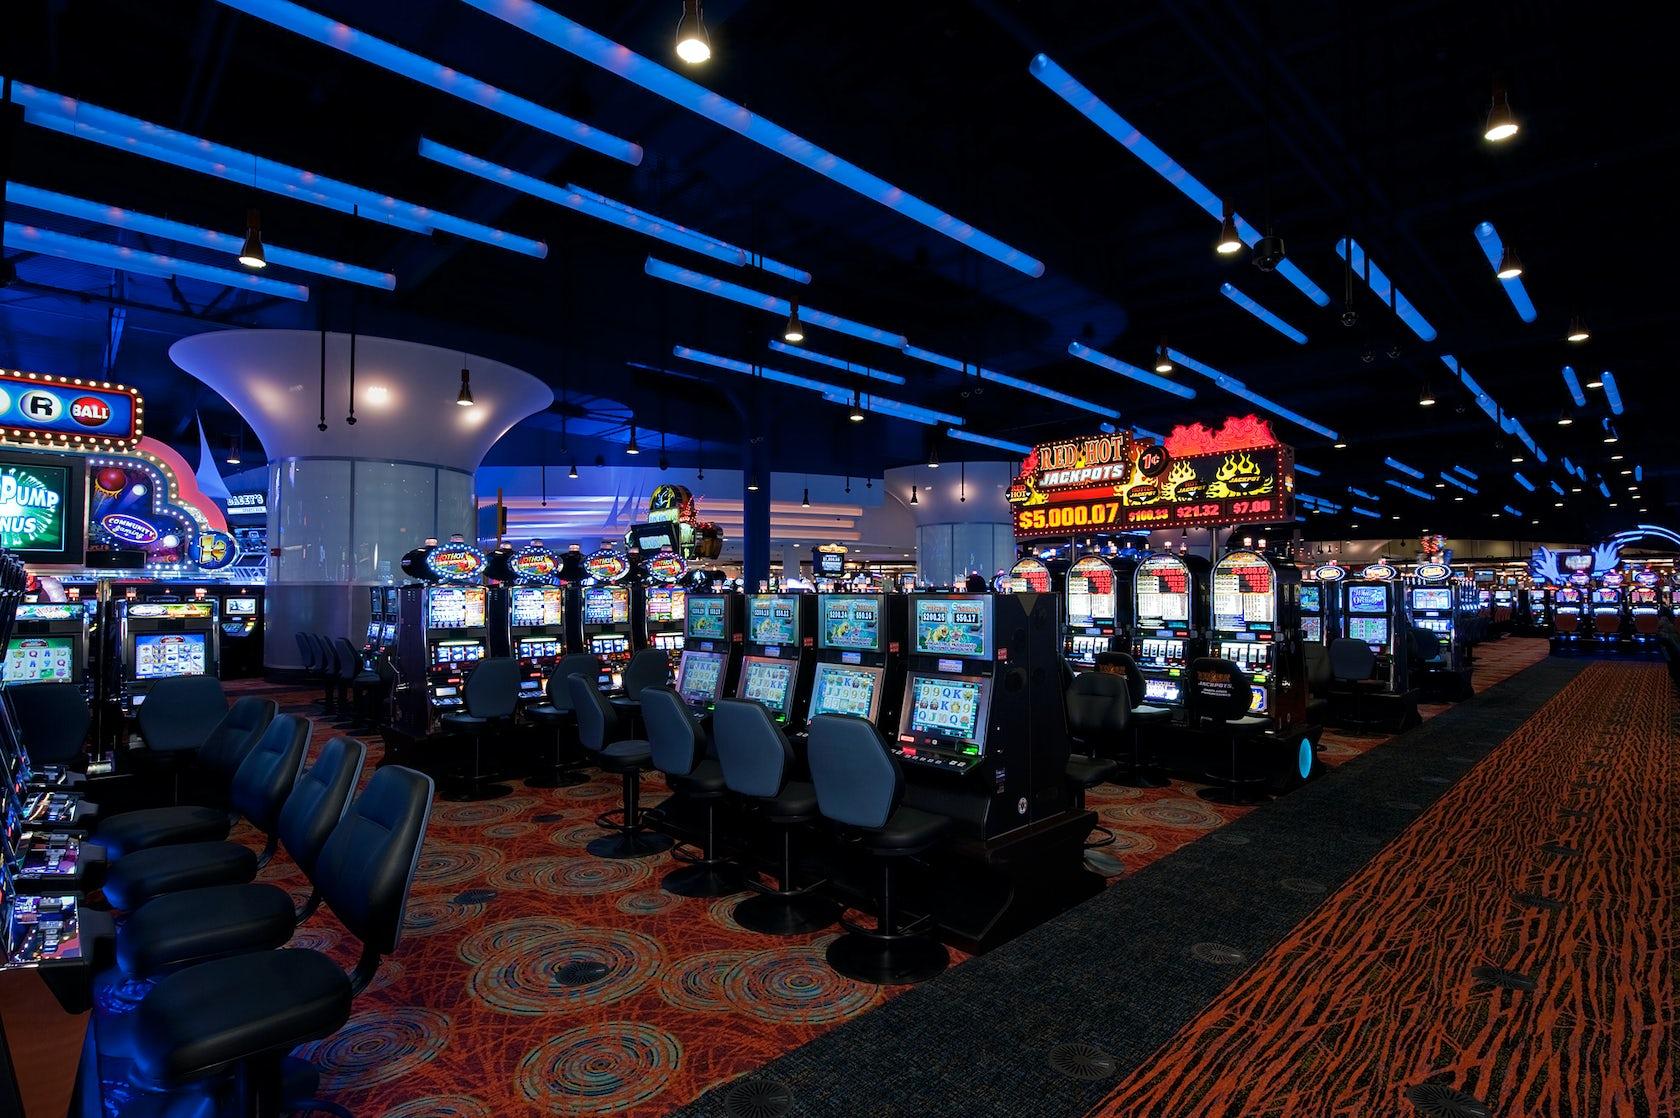 Ibc9 slot casino